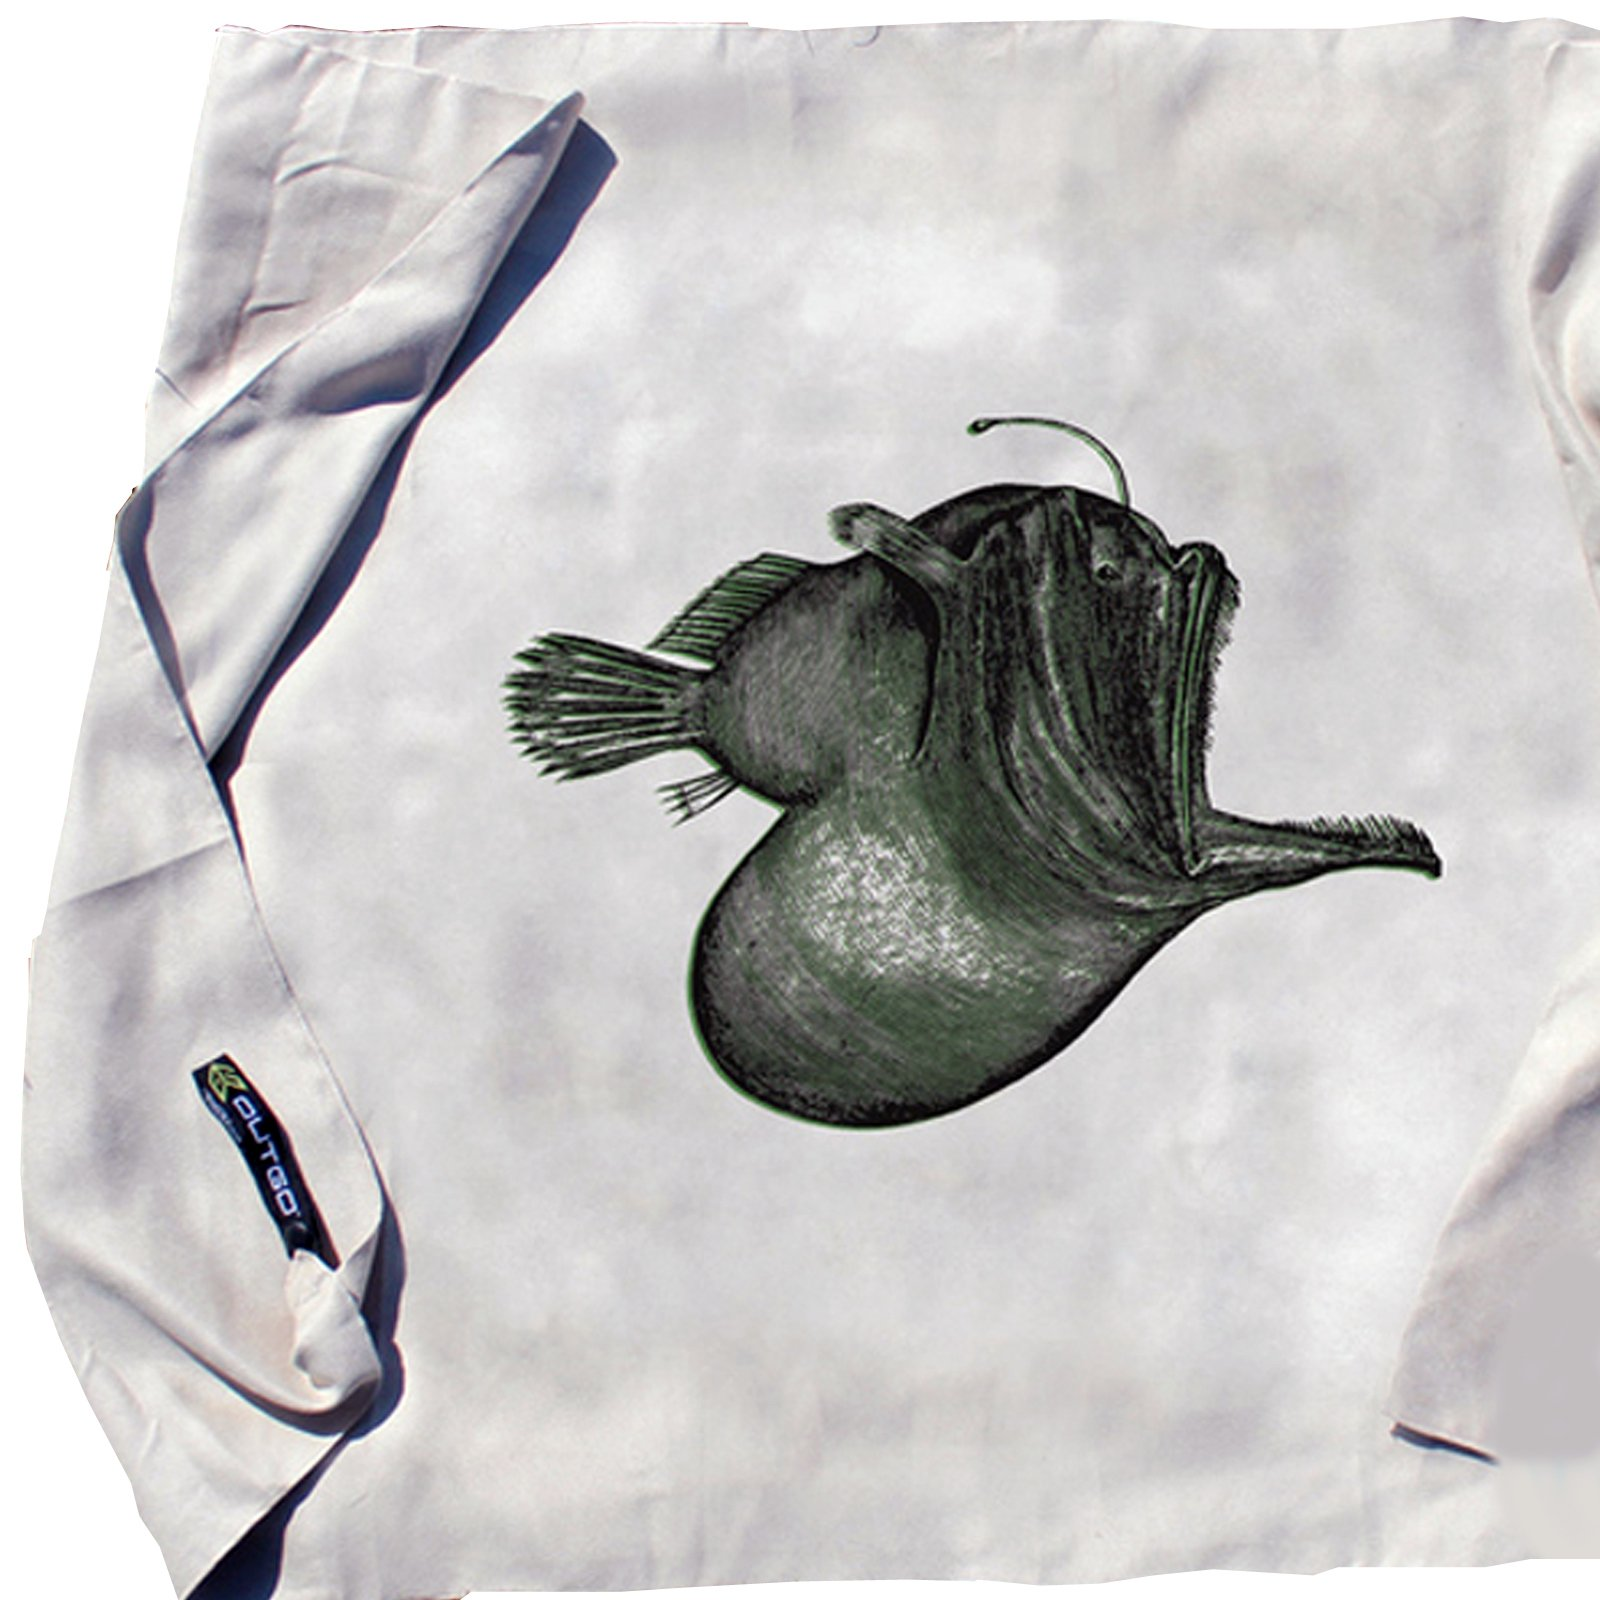 Gear Aid Compact Microfiber Towel Lightweight 30 x 50 Inch Anglerfish